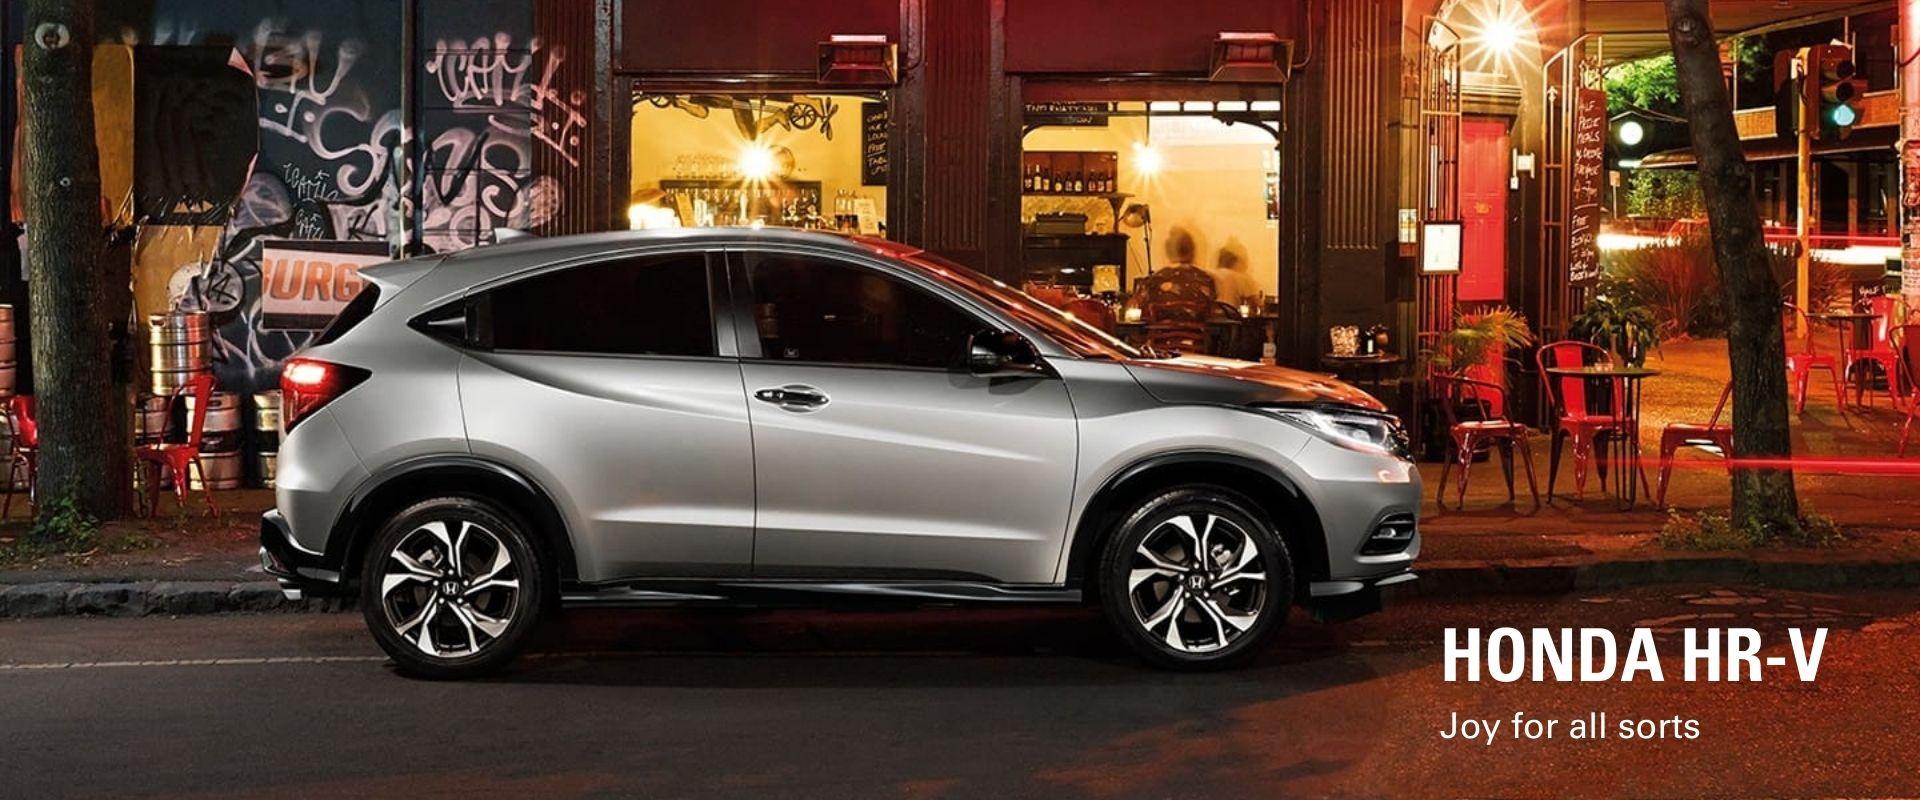 Honda HR-V. Joy for all sorts.